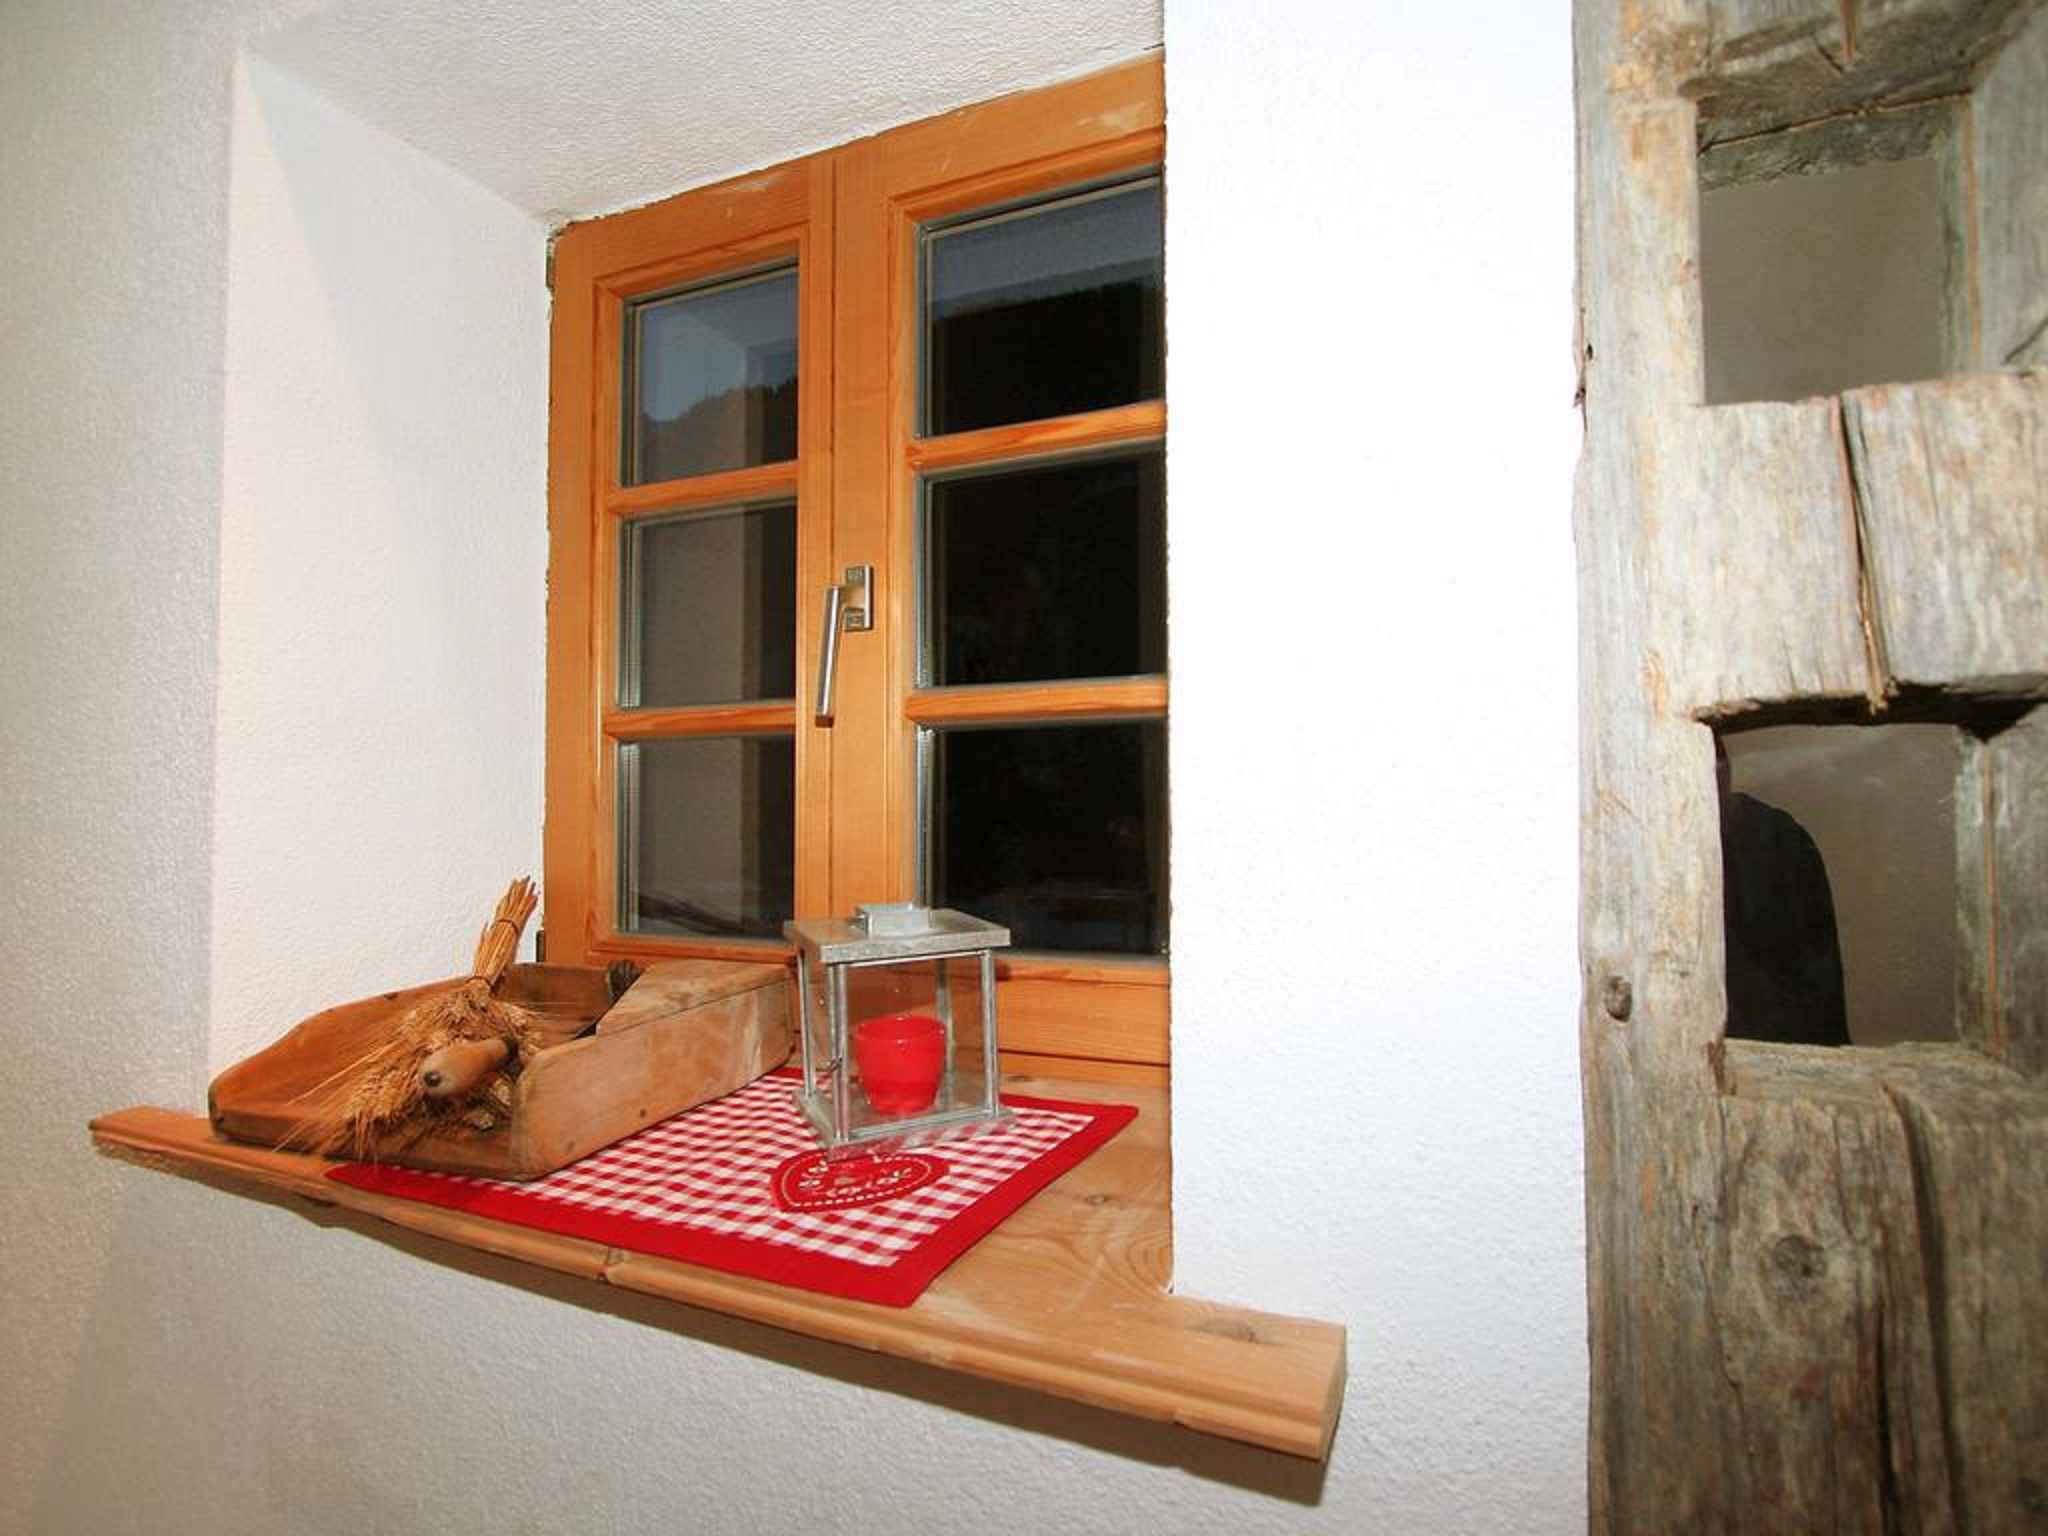 Ferienwohnung in einem über 300 Jahre alten Holzhaus (283708), Sölden (AT), Ötztal, Tirol, Österreich, Bild 11